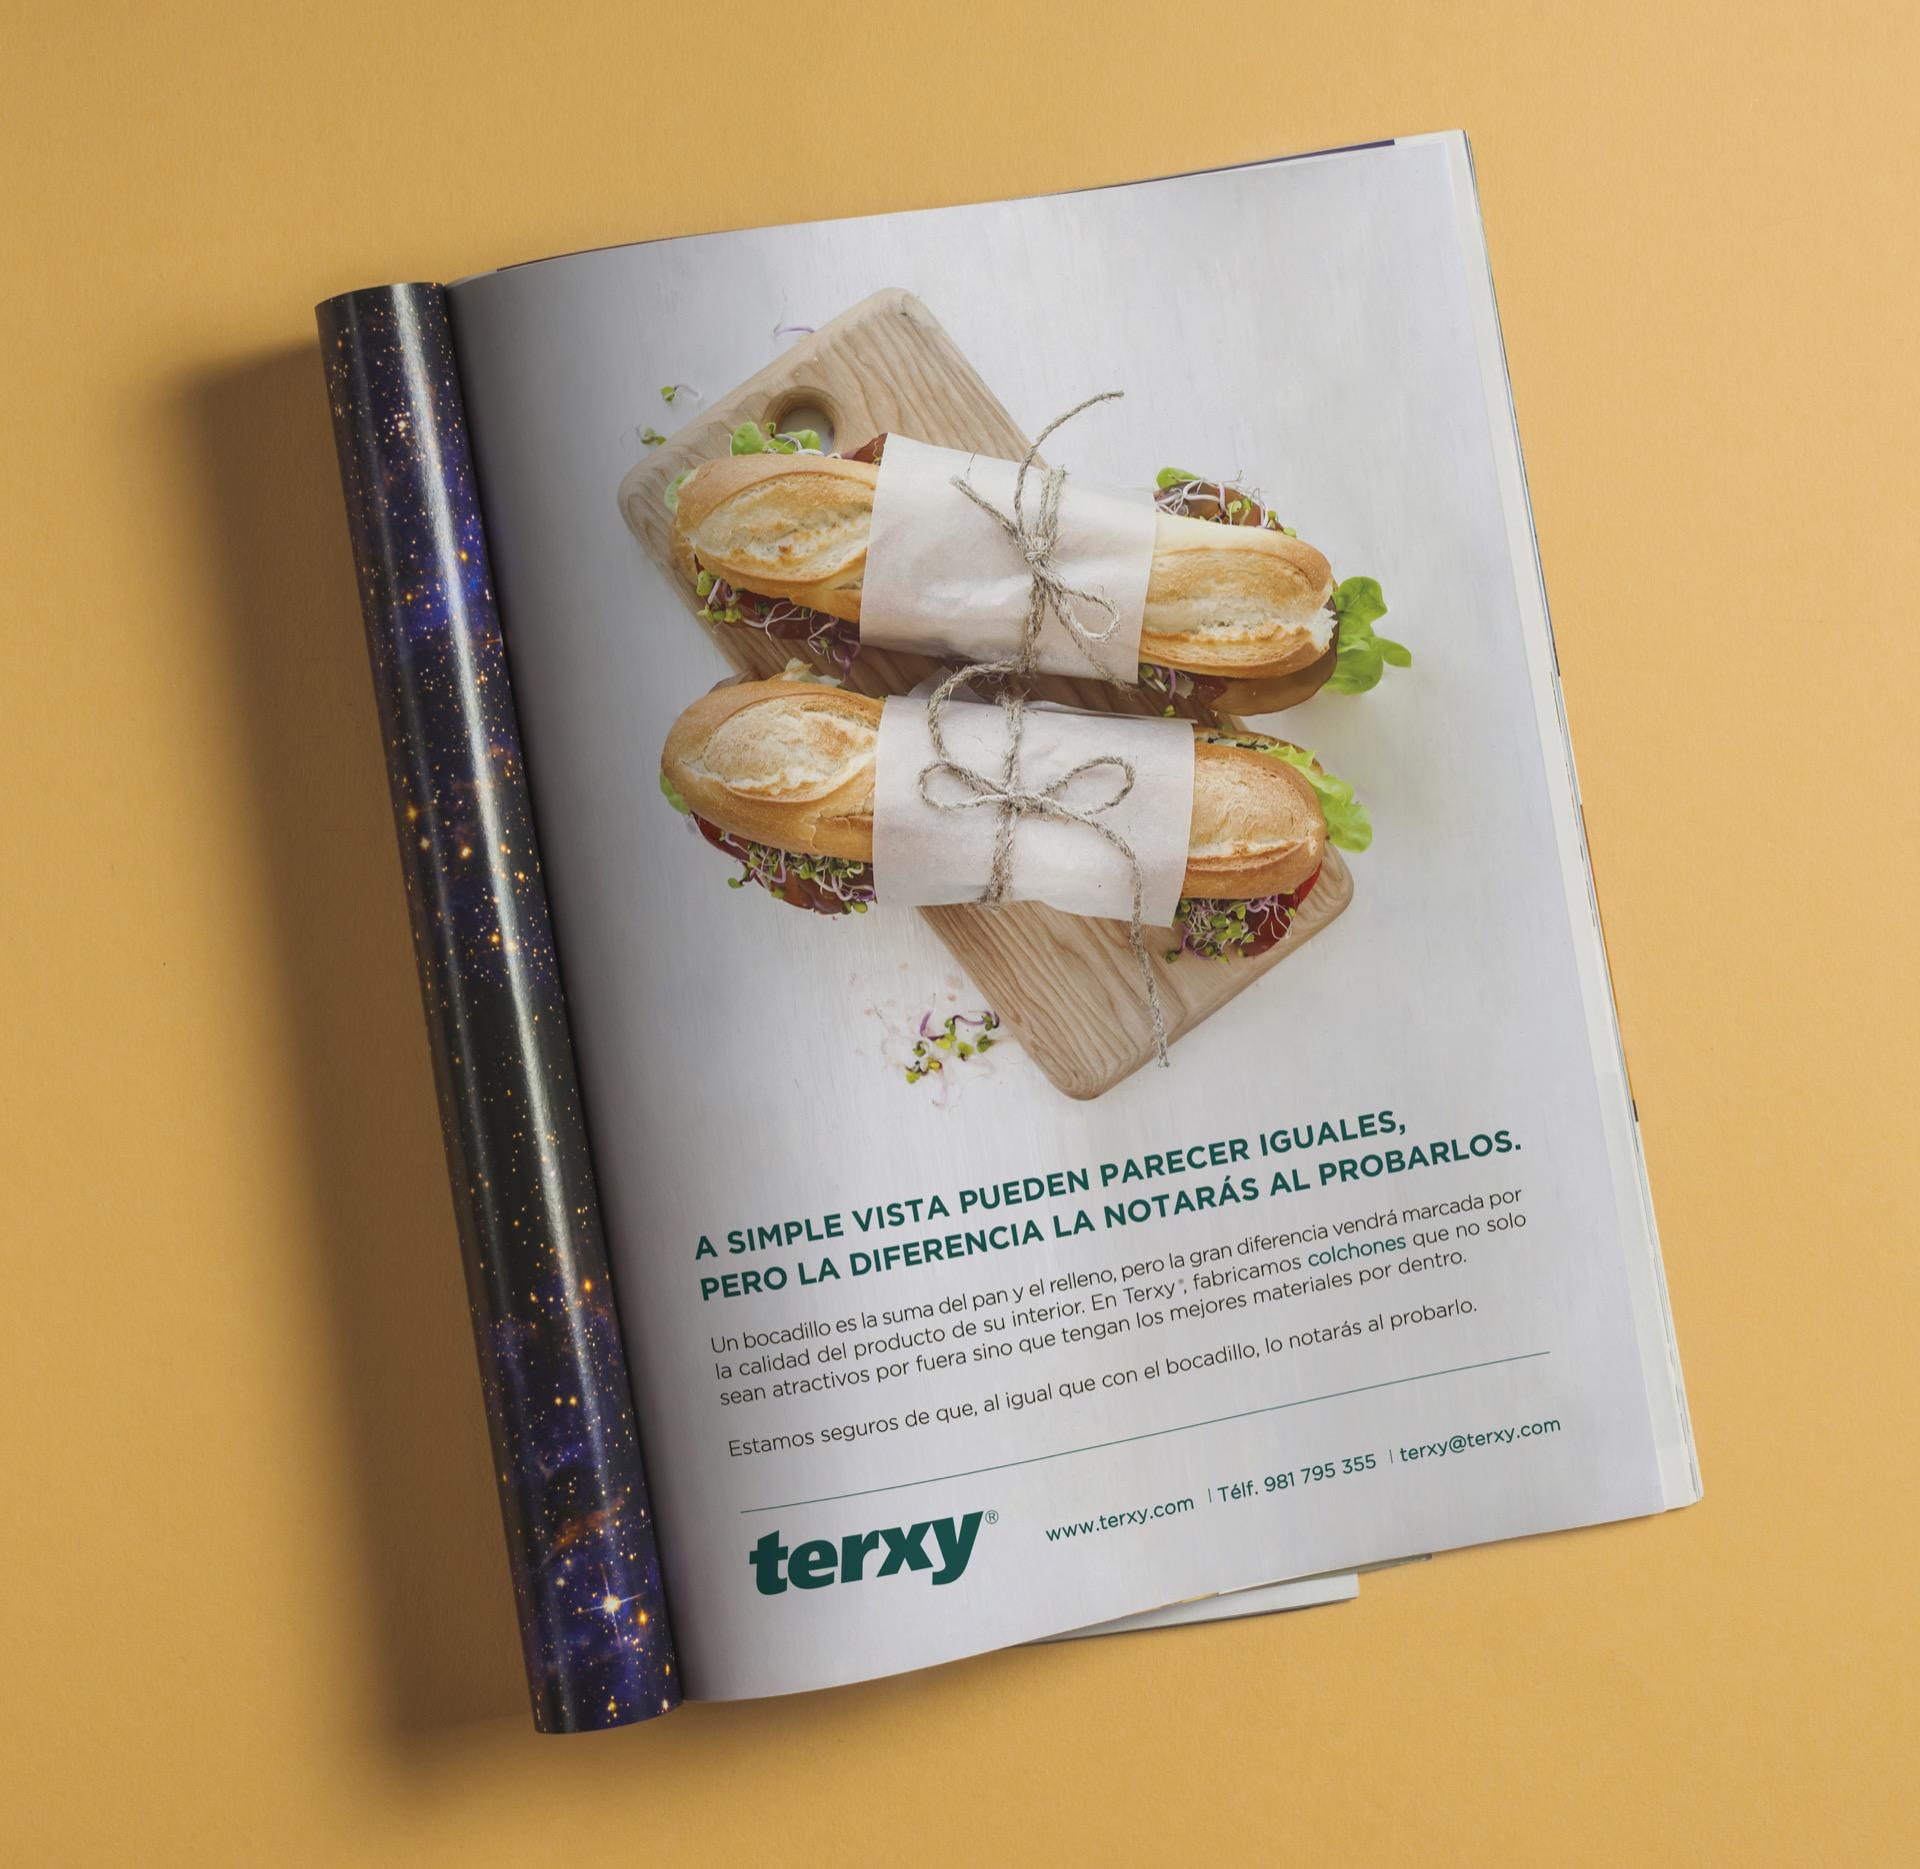 Descubre El Interior De Los Colchones Terxy® En La Revista Interiores